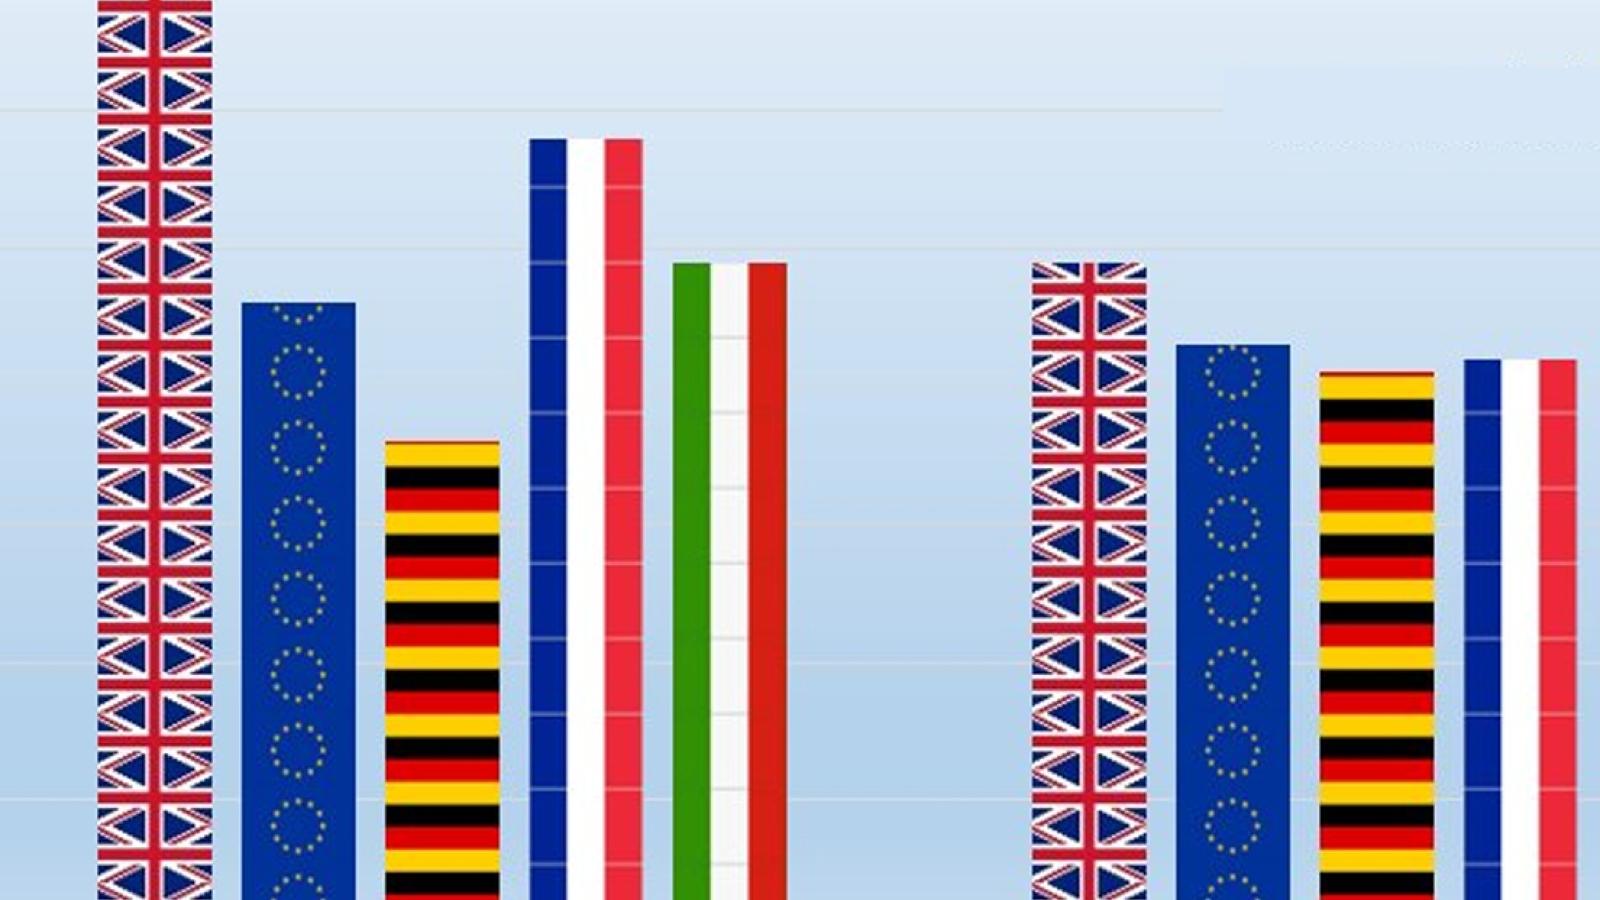 Utsnitt av grafikk utarbeidet av Facts4EU.org, basert på økonomiske prognoser fra IMF.